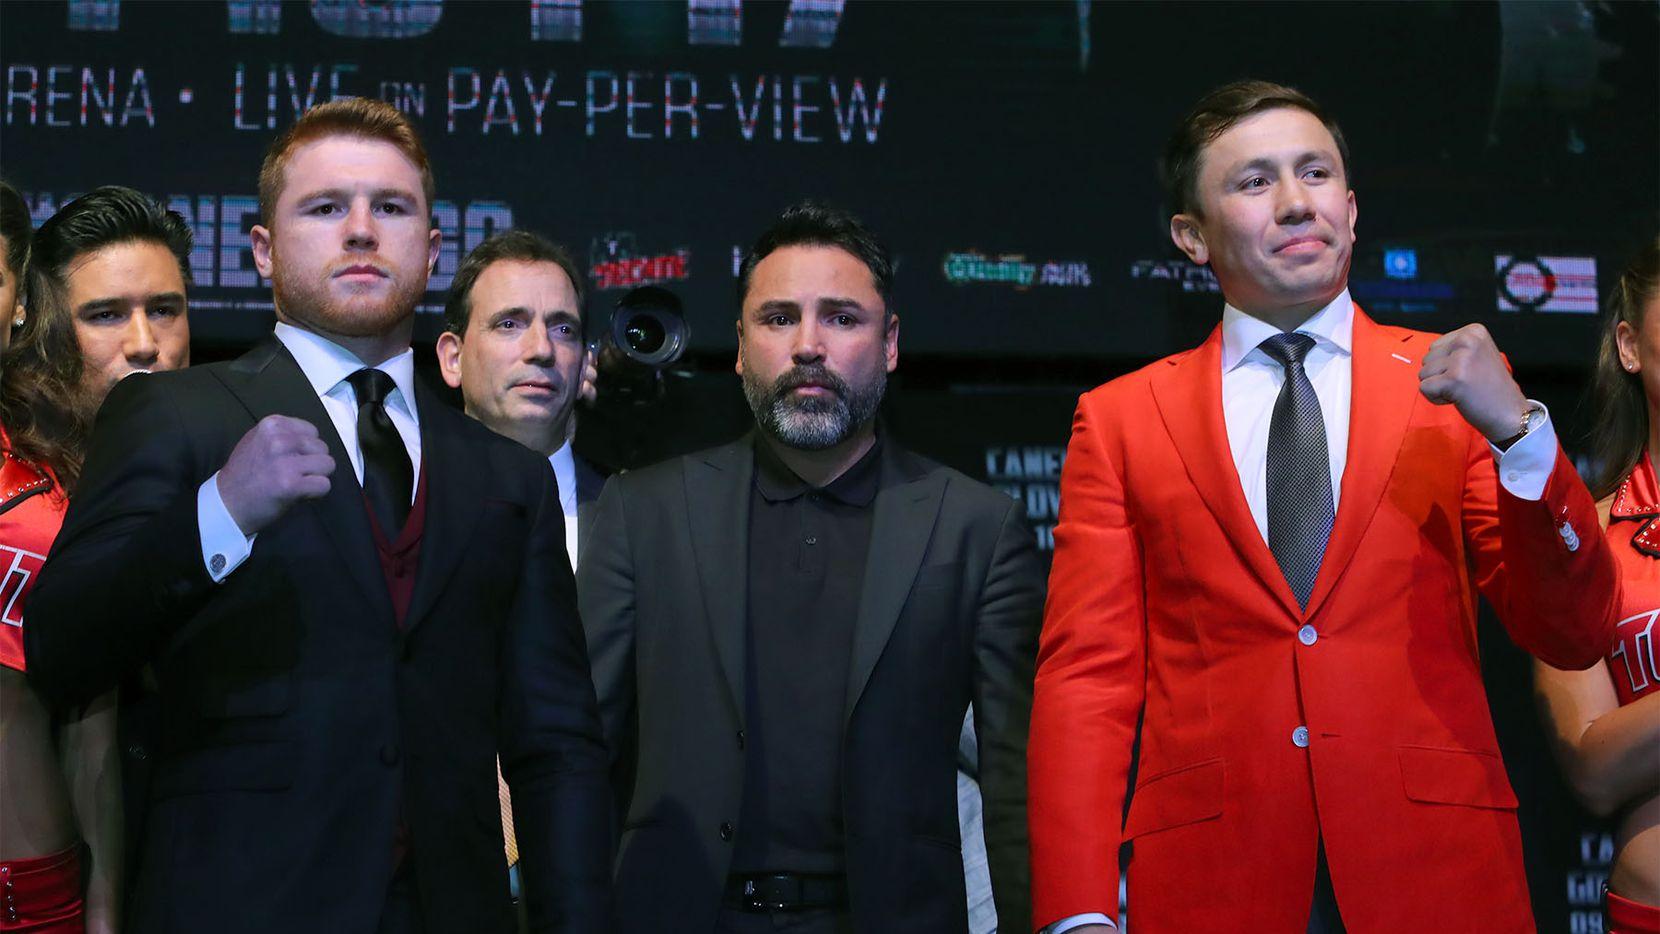 Saúl Álvarez y Gennady Golovkin se enfrentan el 16 de septiembre en Las Vegas. La bolsa a repartirse será desigual para los boxeadores. Foto GOLDEN BOY PROMOTIONS.